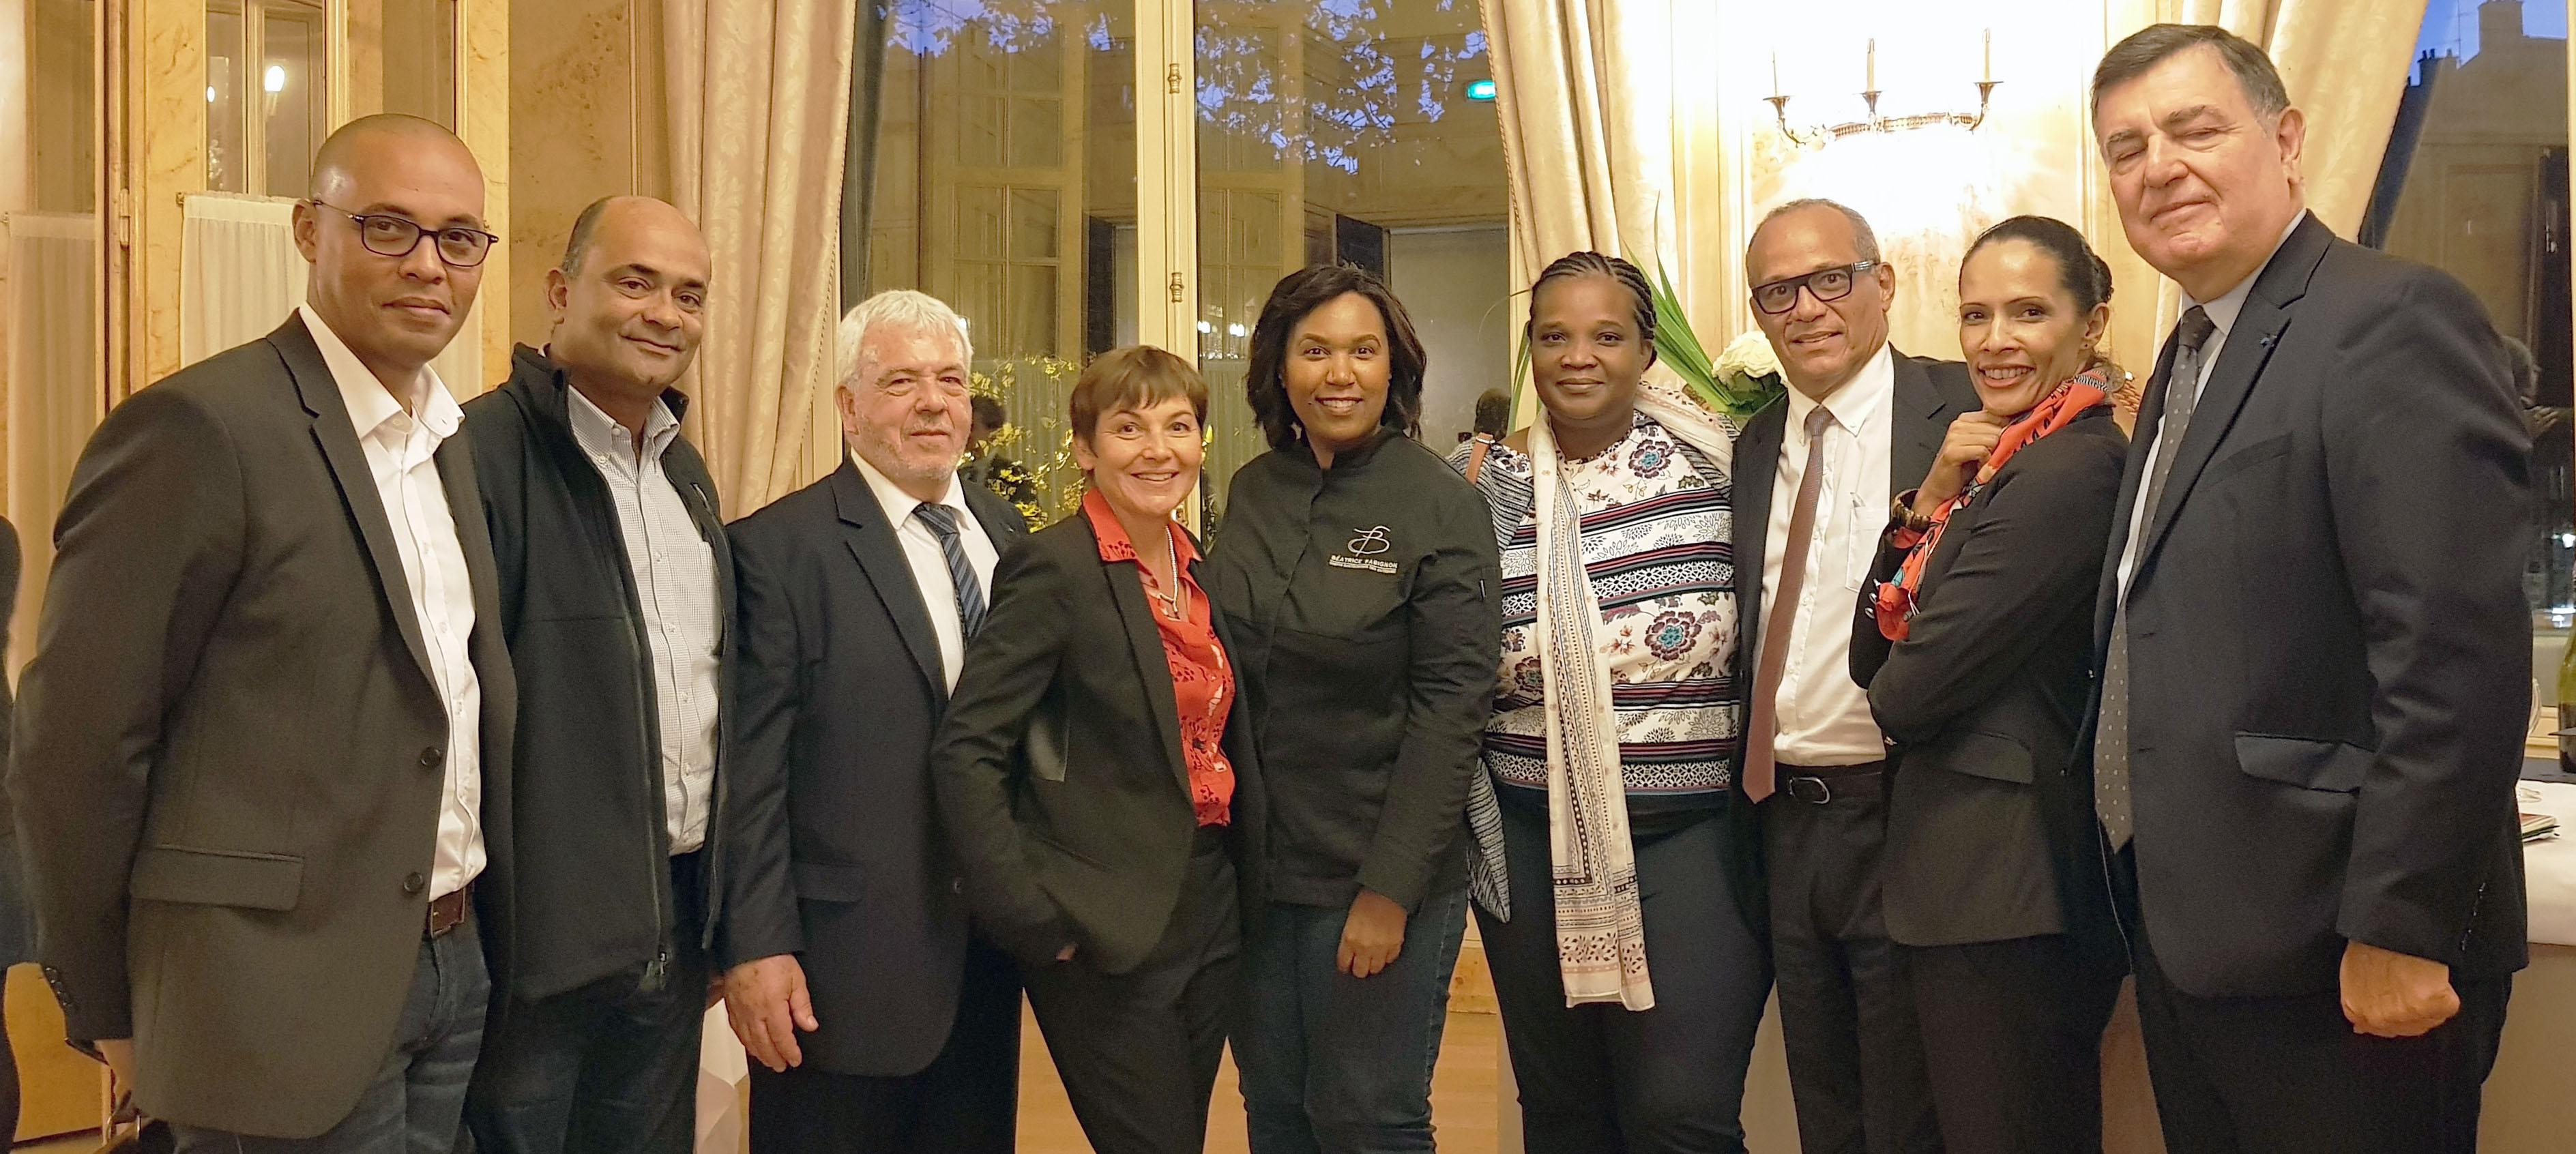 Des rencontres à Paris pour le nouveau président du Medef